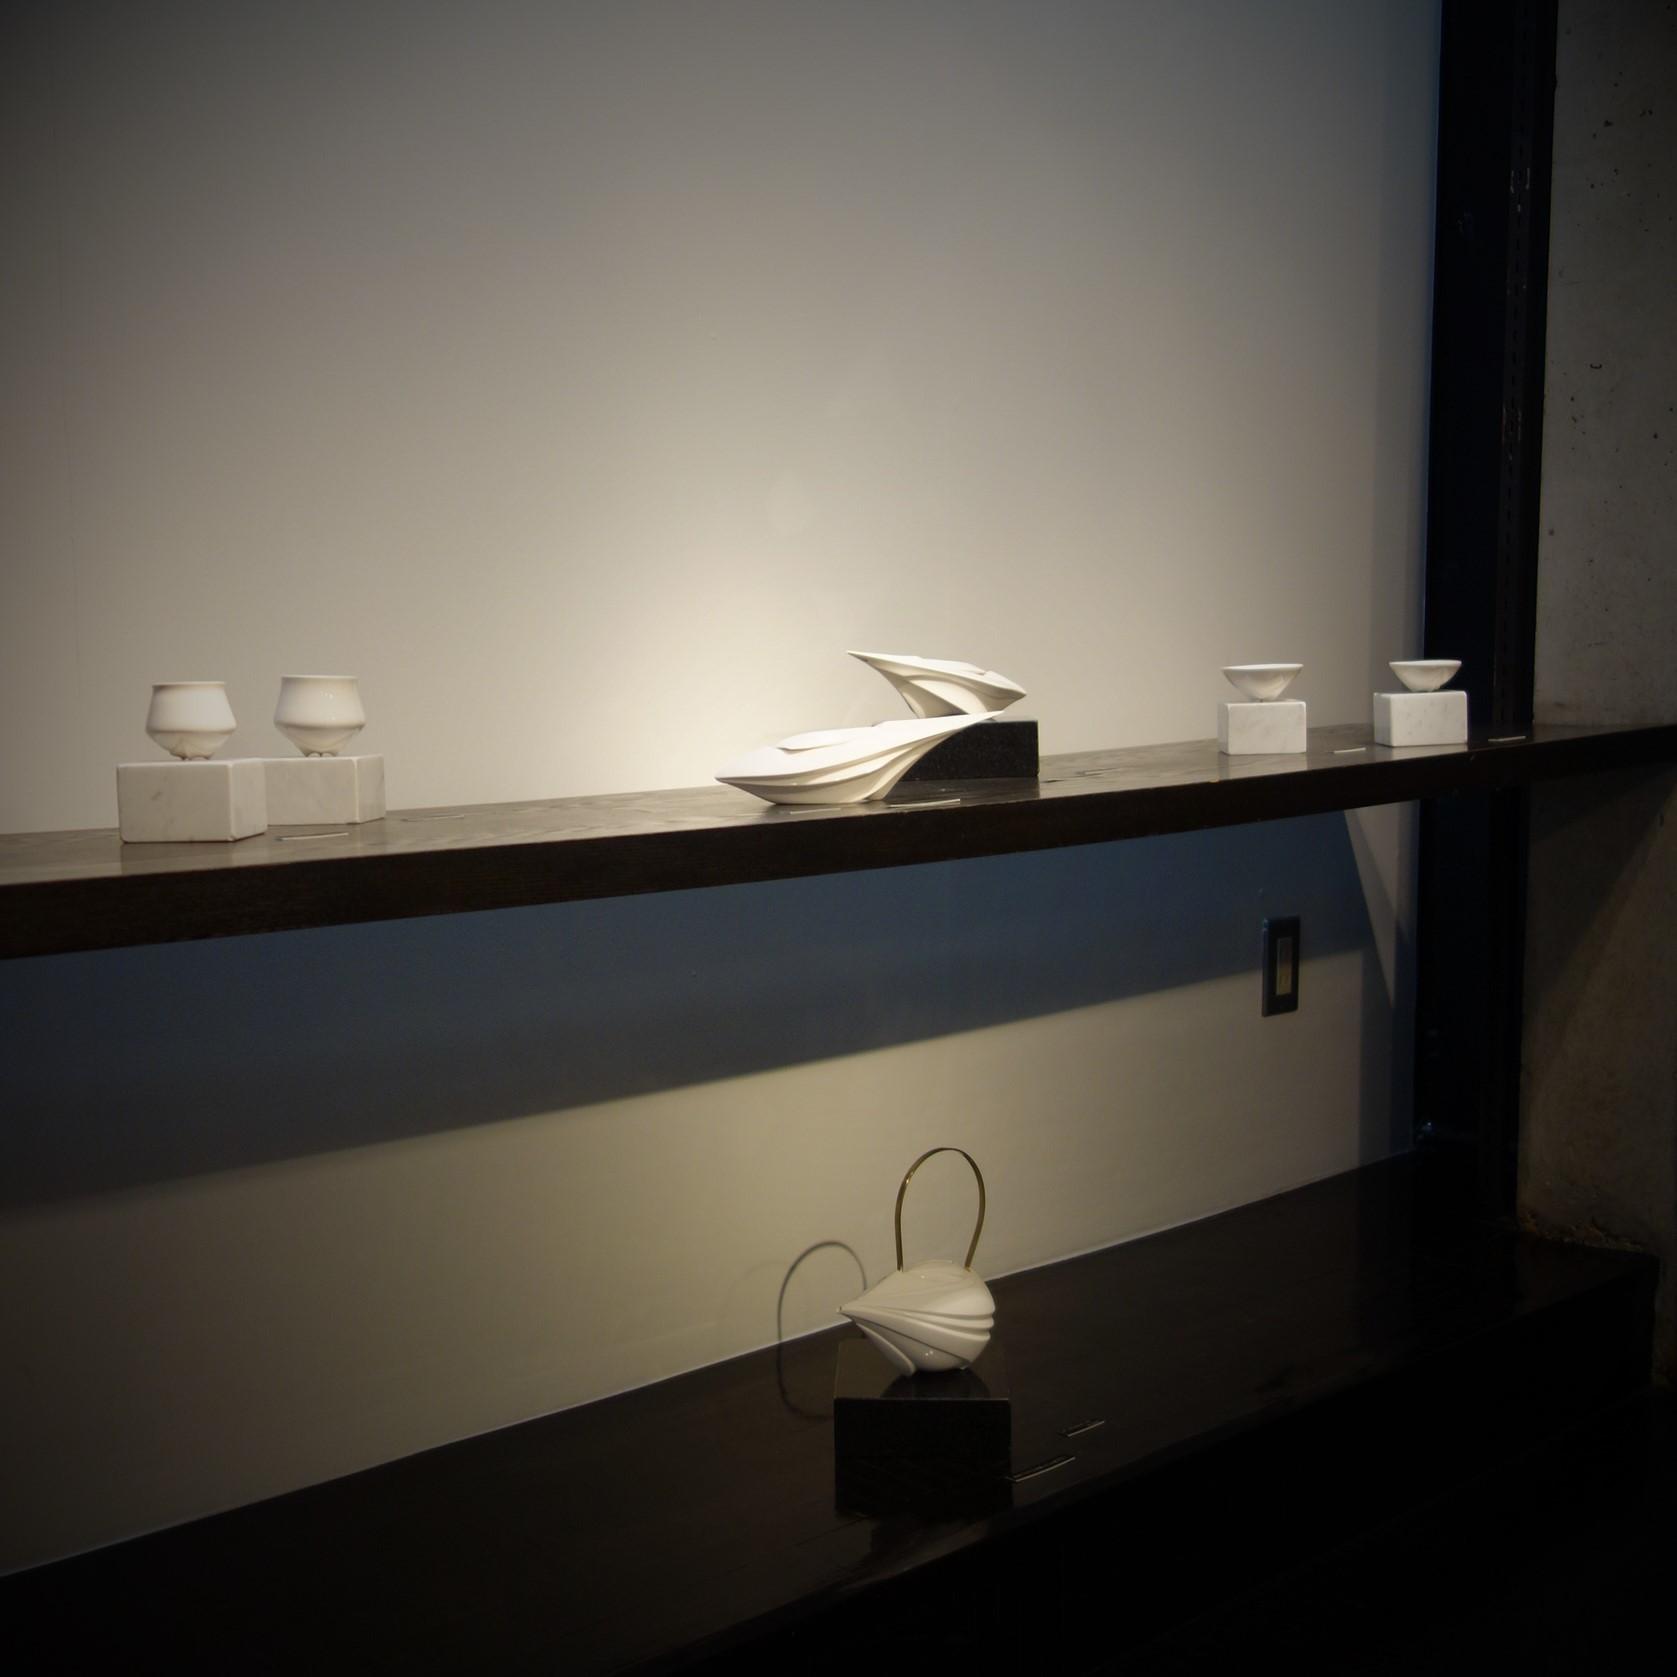 ー 松村 淳 作品展 ー 開催中です_b0232919_12322922.jpg